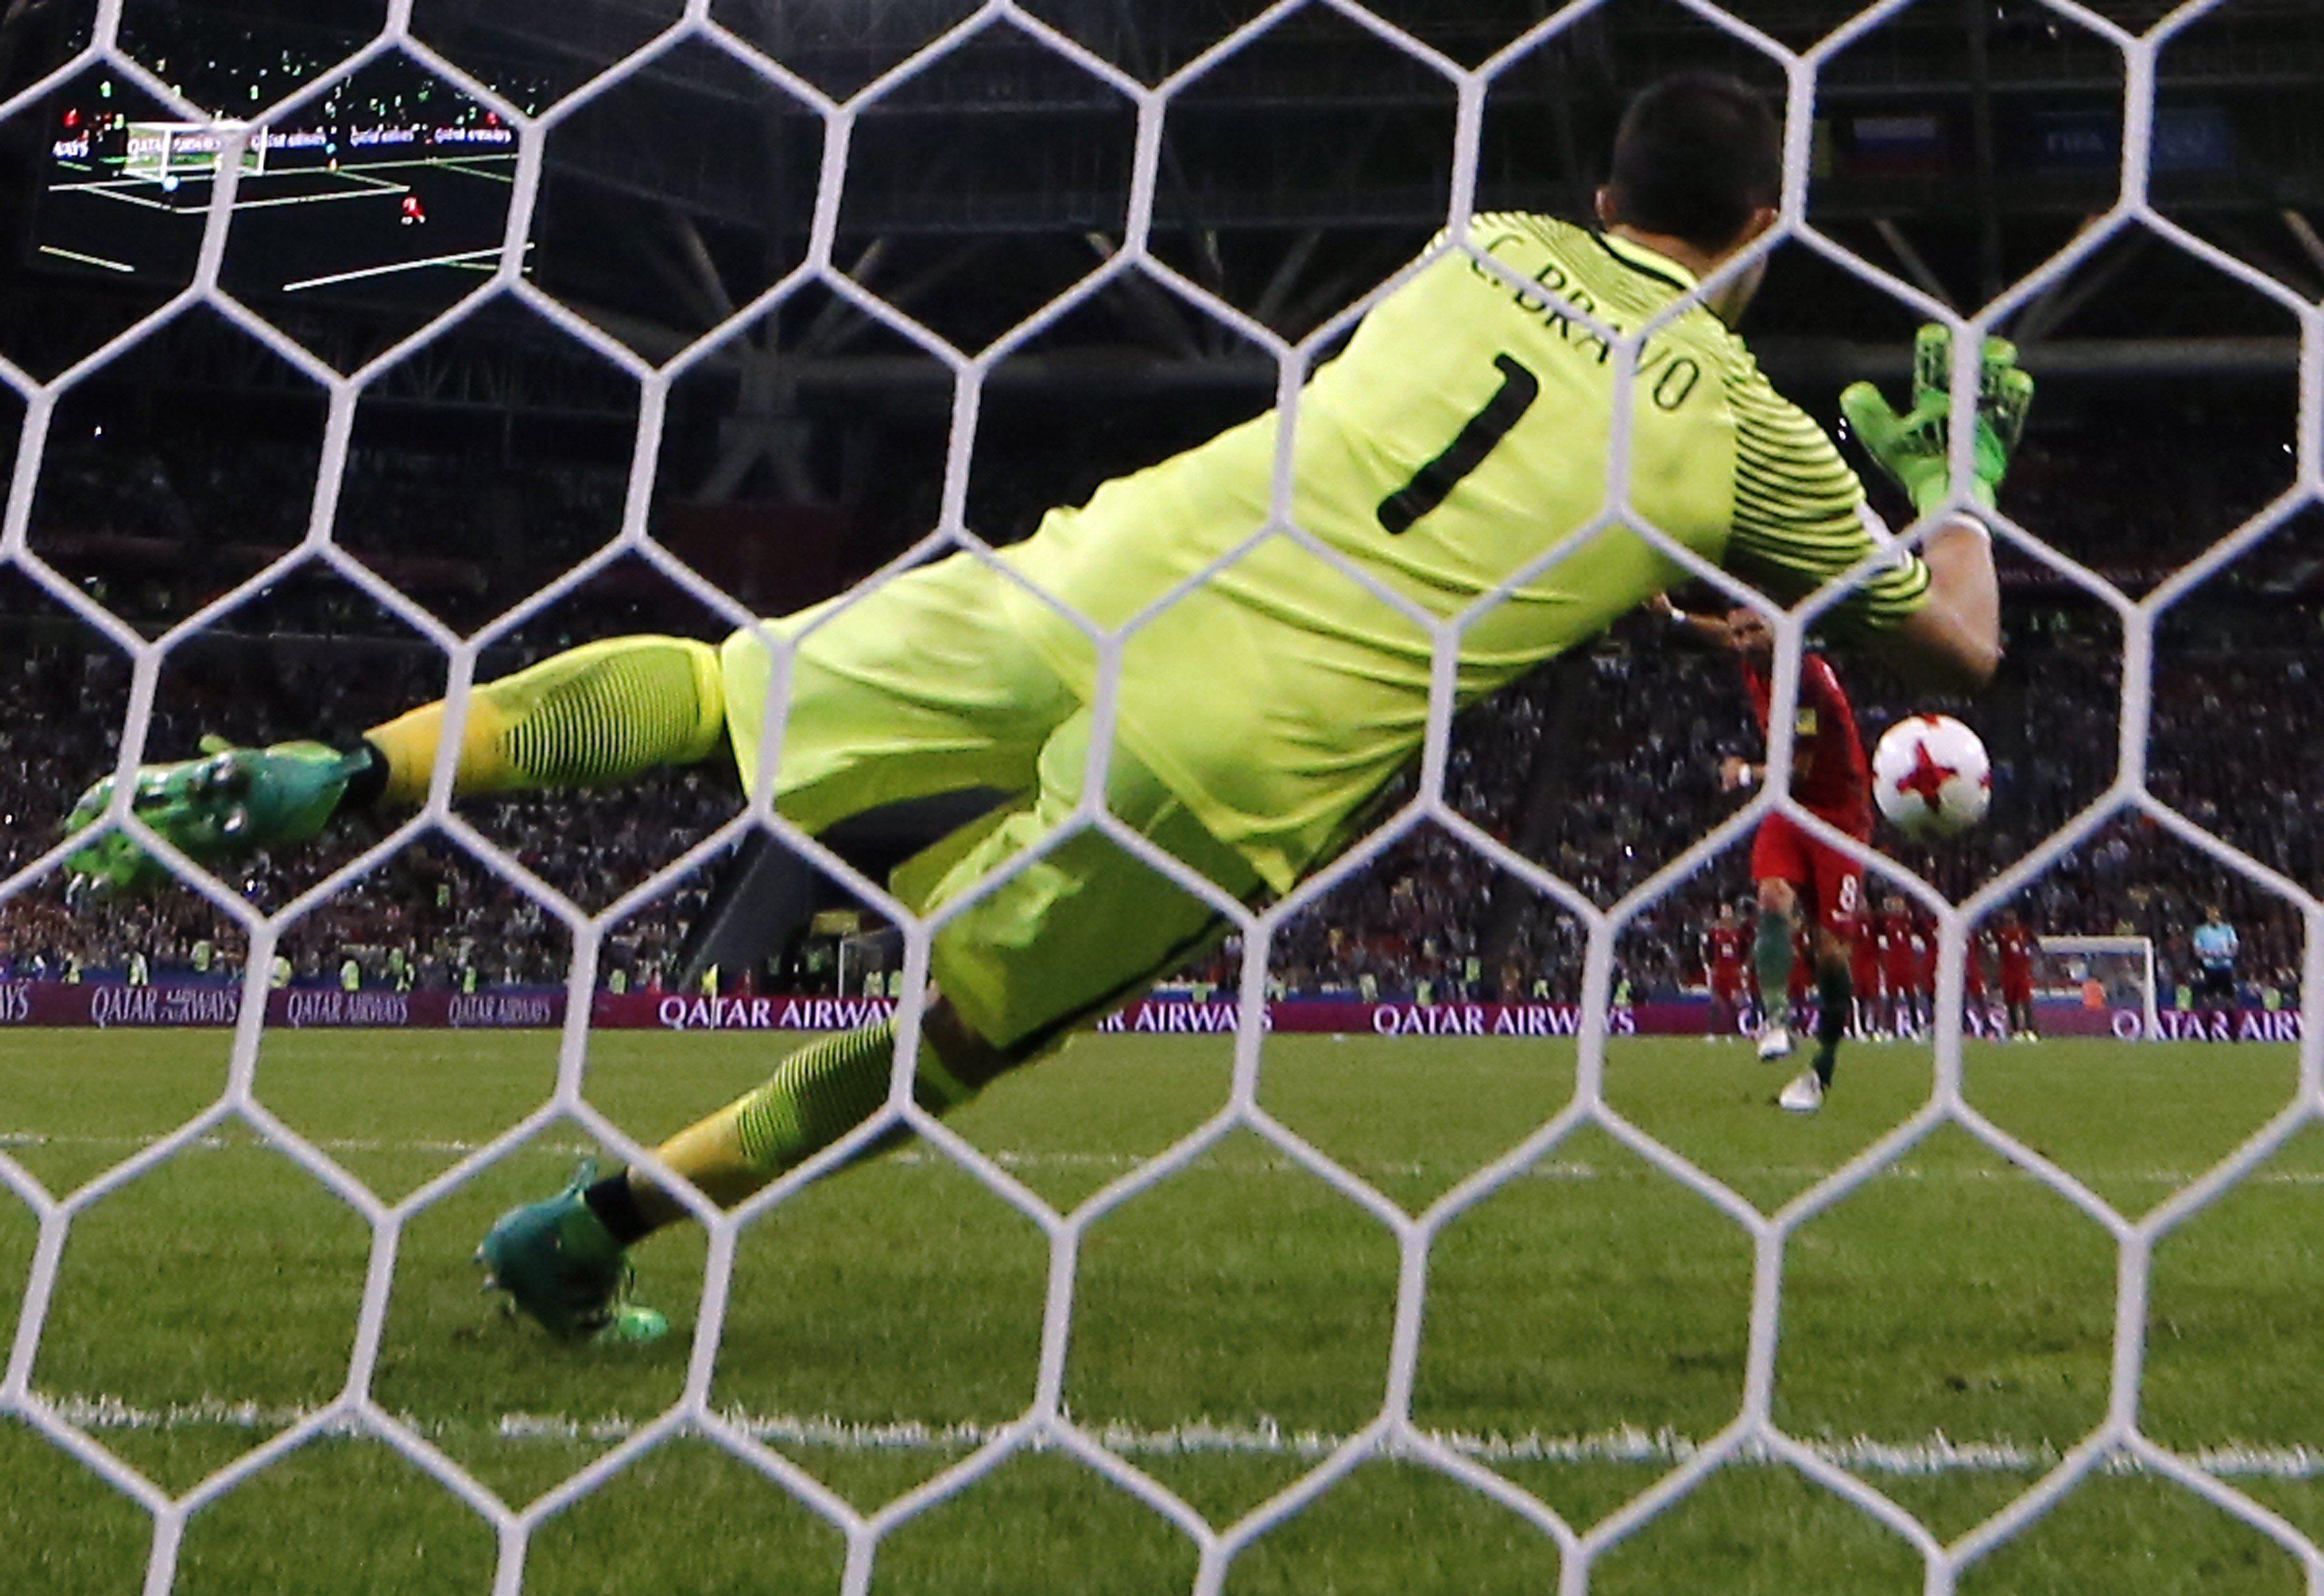 Otra vez por penales: Chile se cargó a Portugal tras eliminar dos veces a Argentina